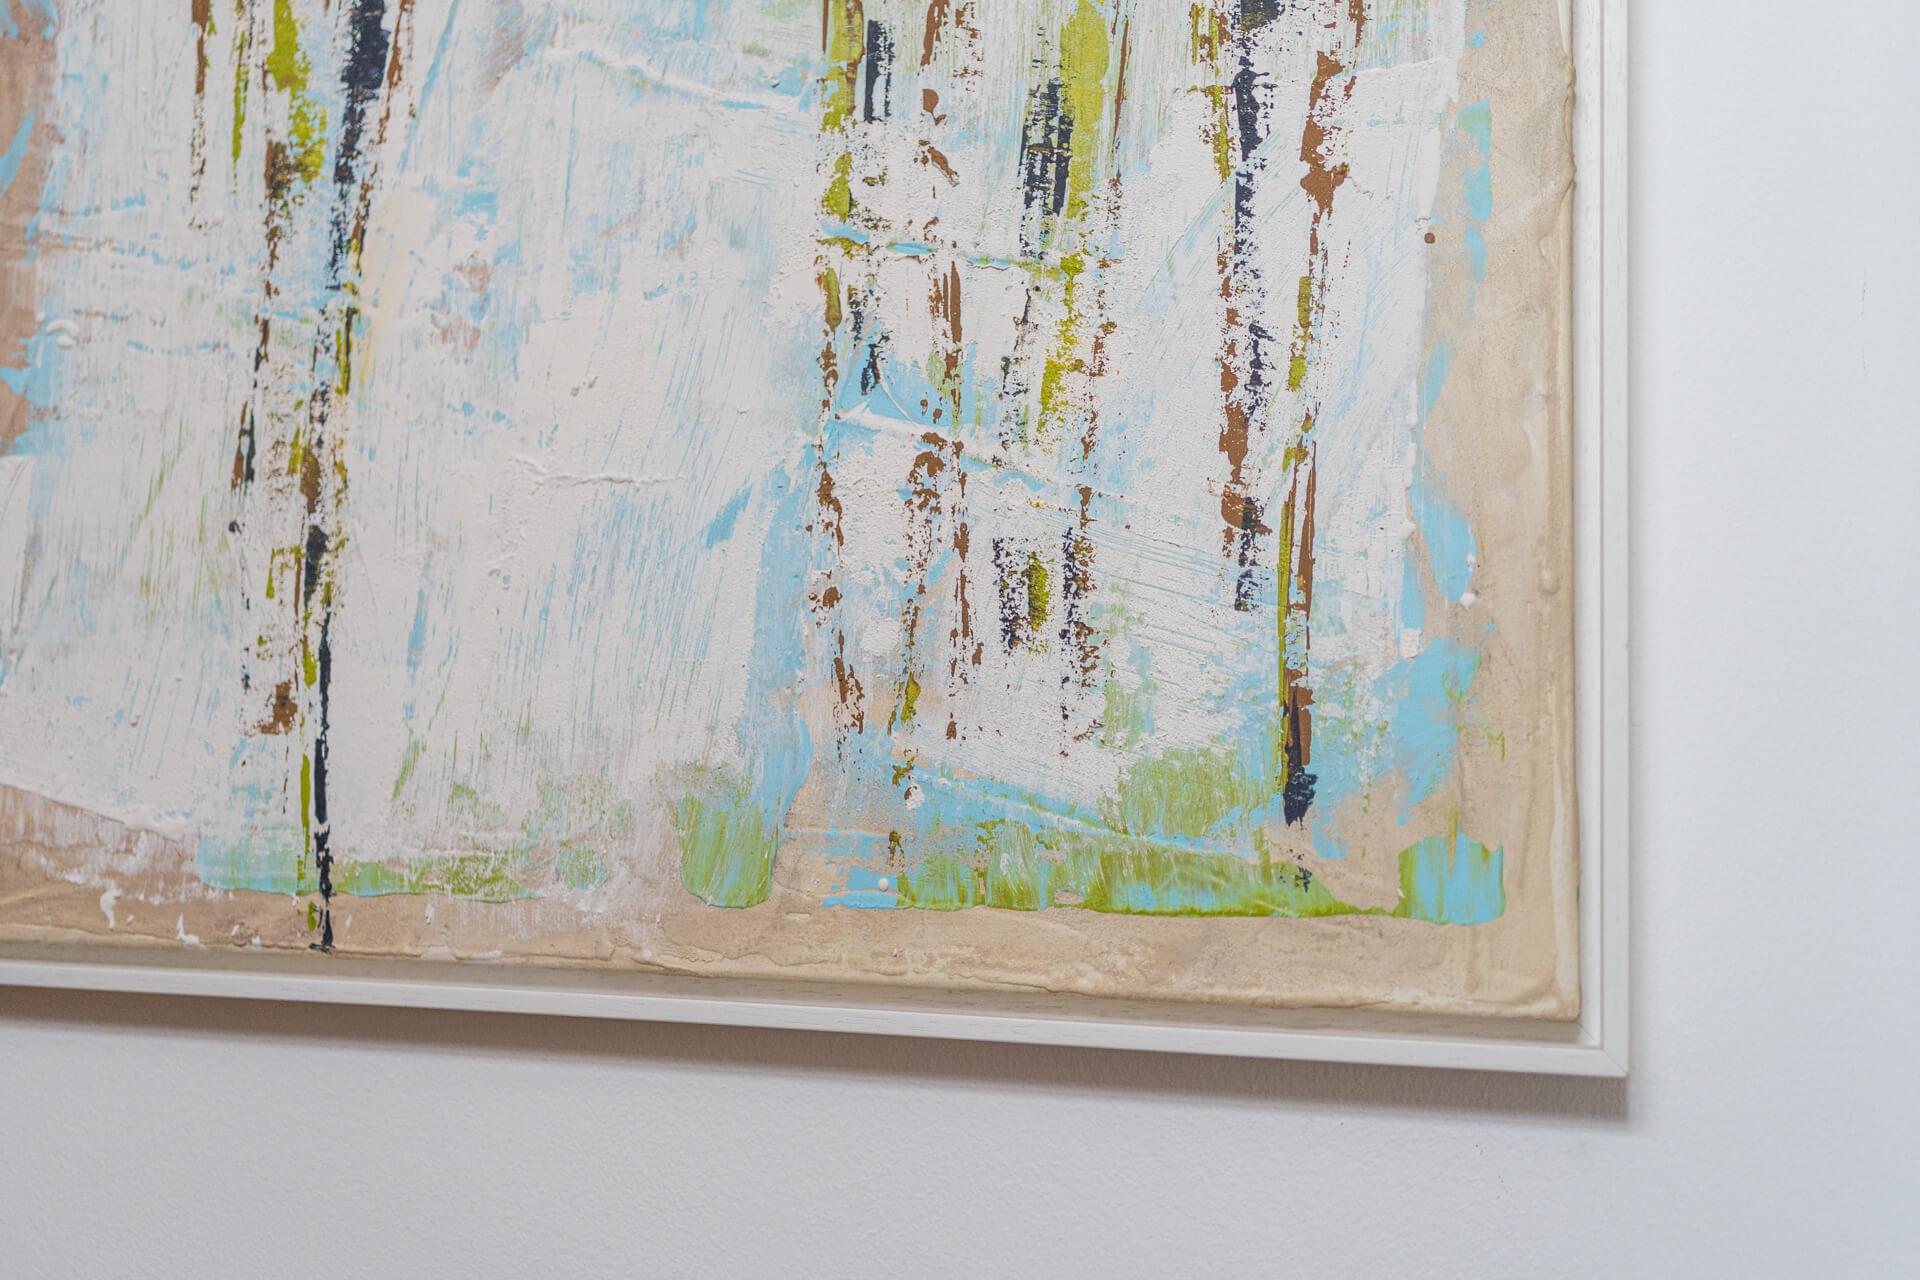 Acryl auf Leinwand von Martina Groß Pfaffenhofen